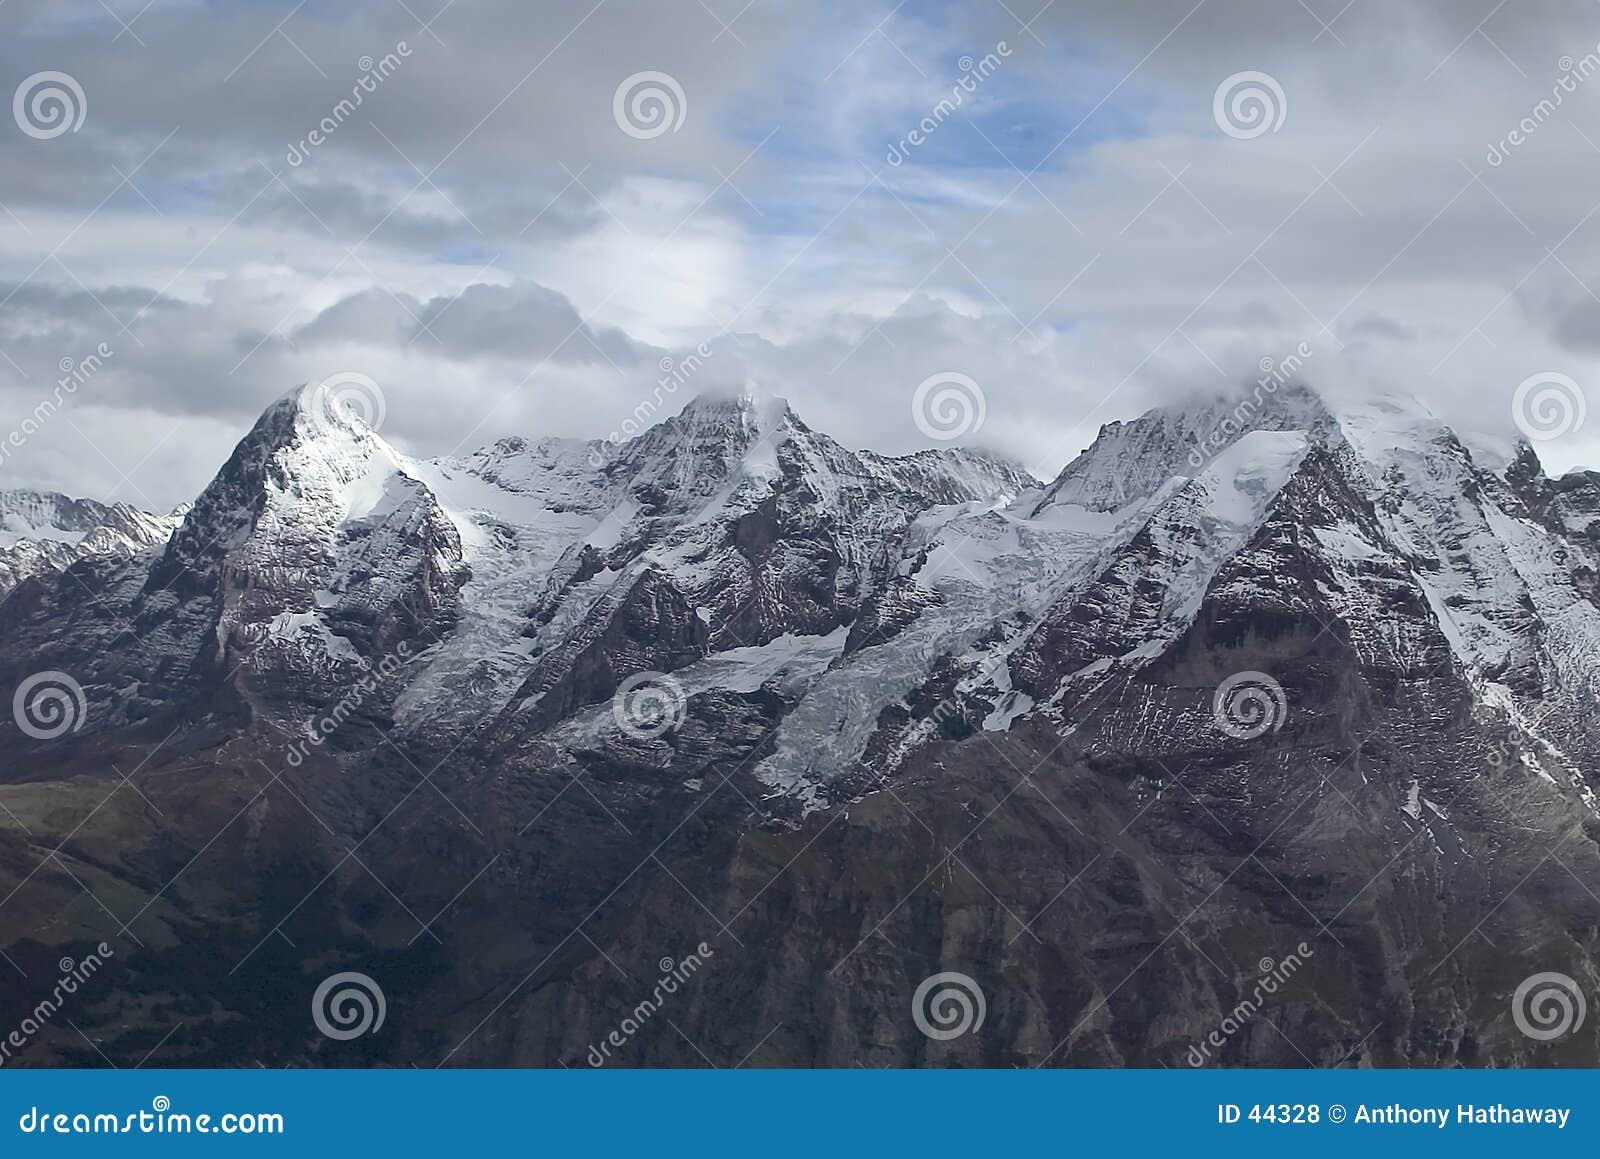 Download Alpiene bergen stock foto. Afbeelding bestaande uit bergen - 44328